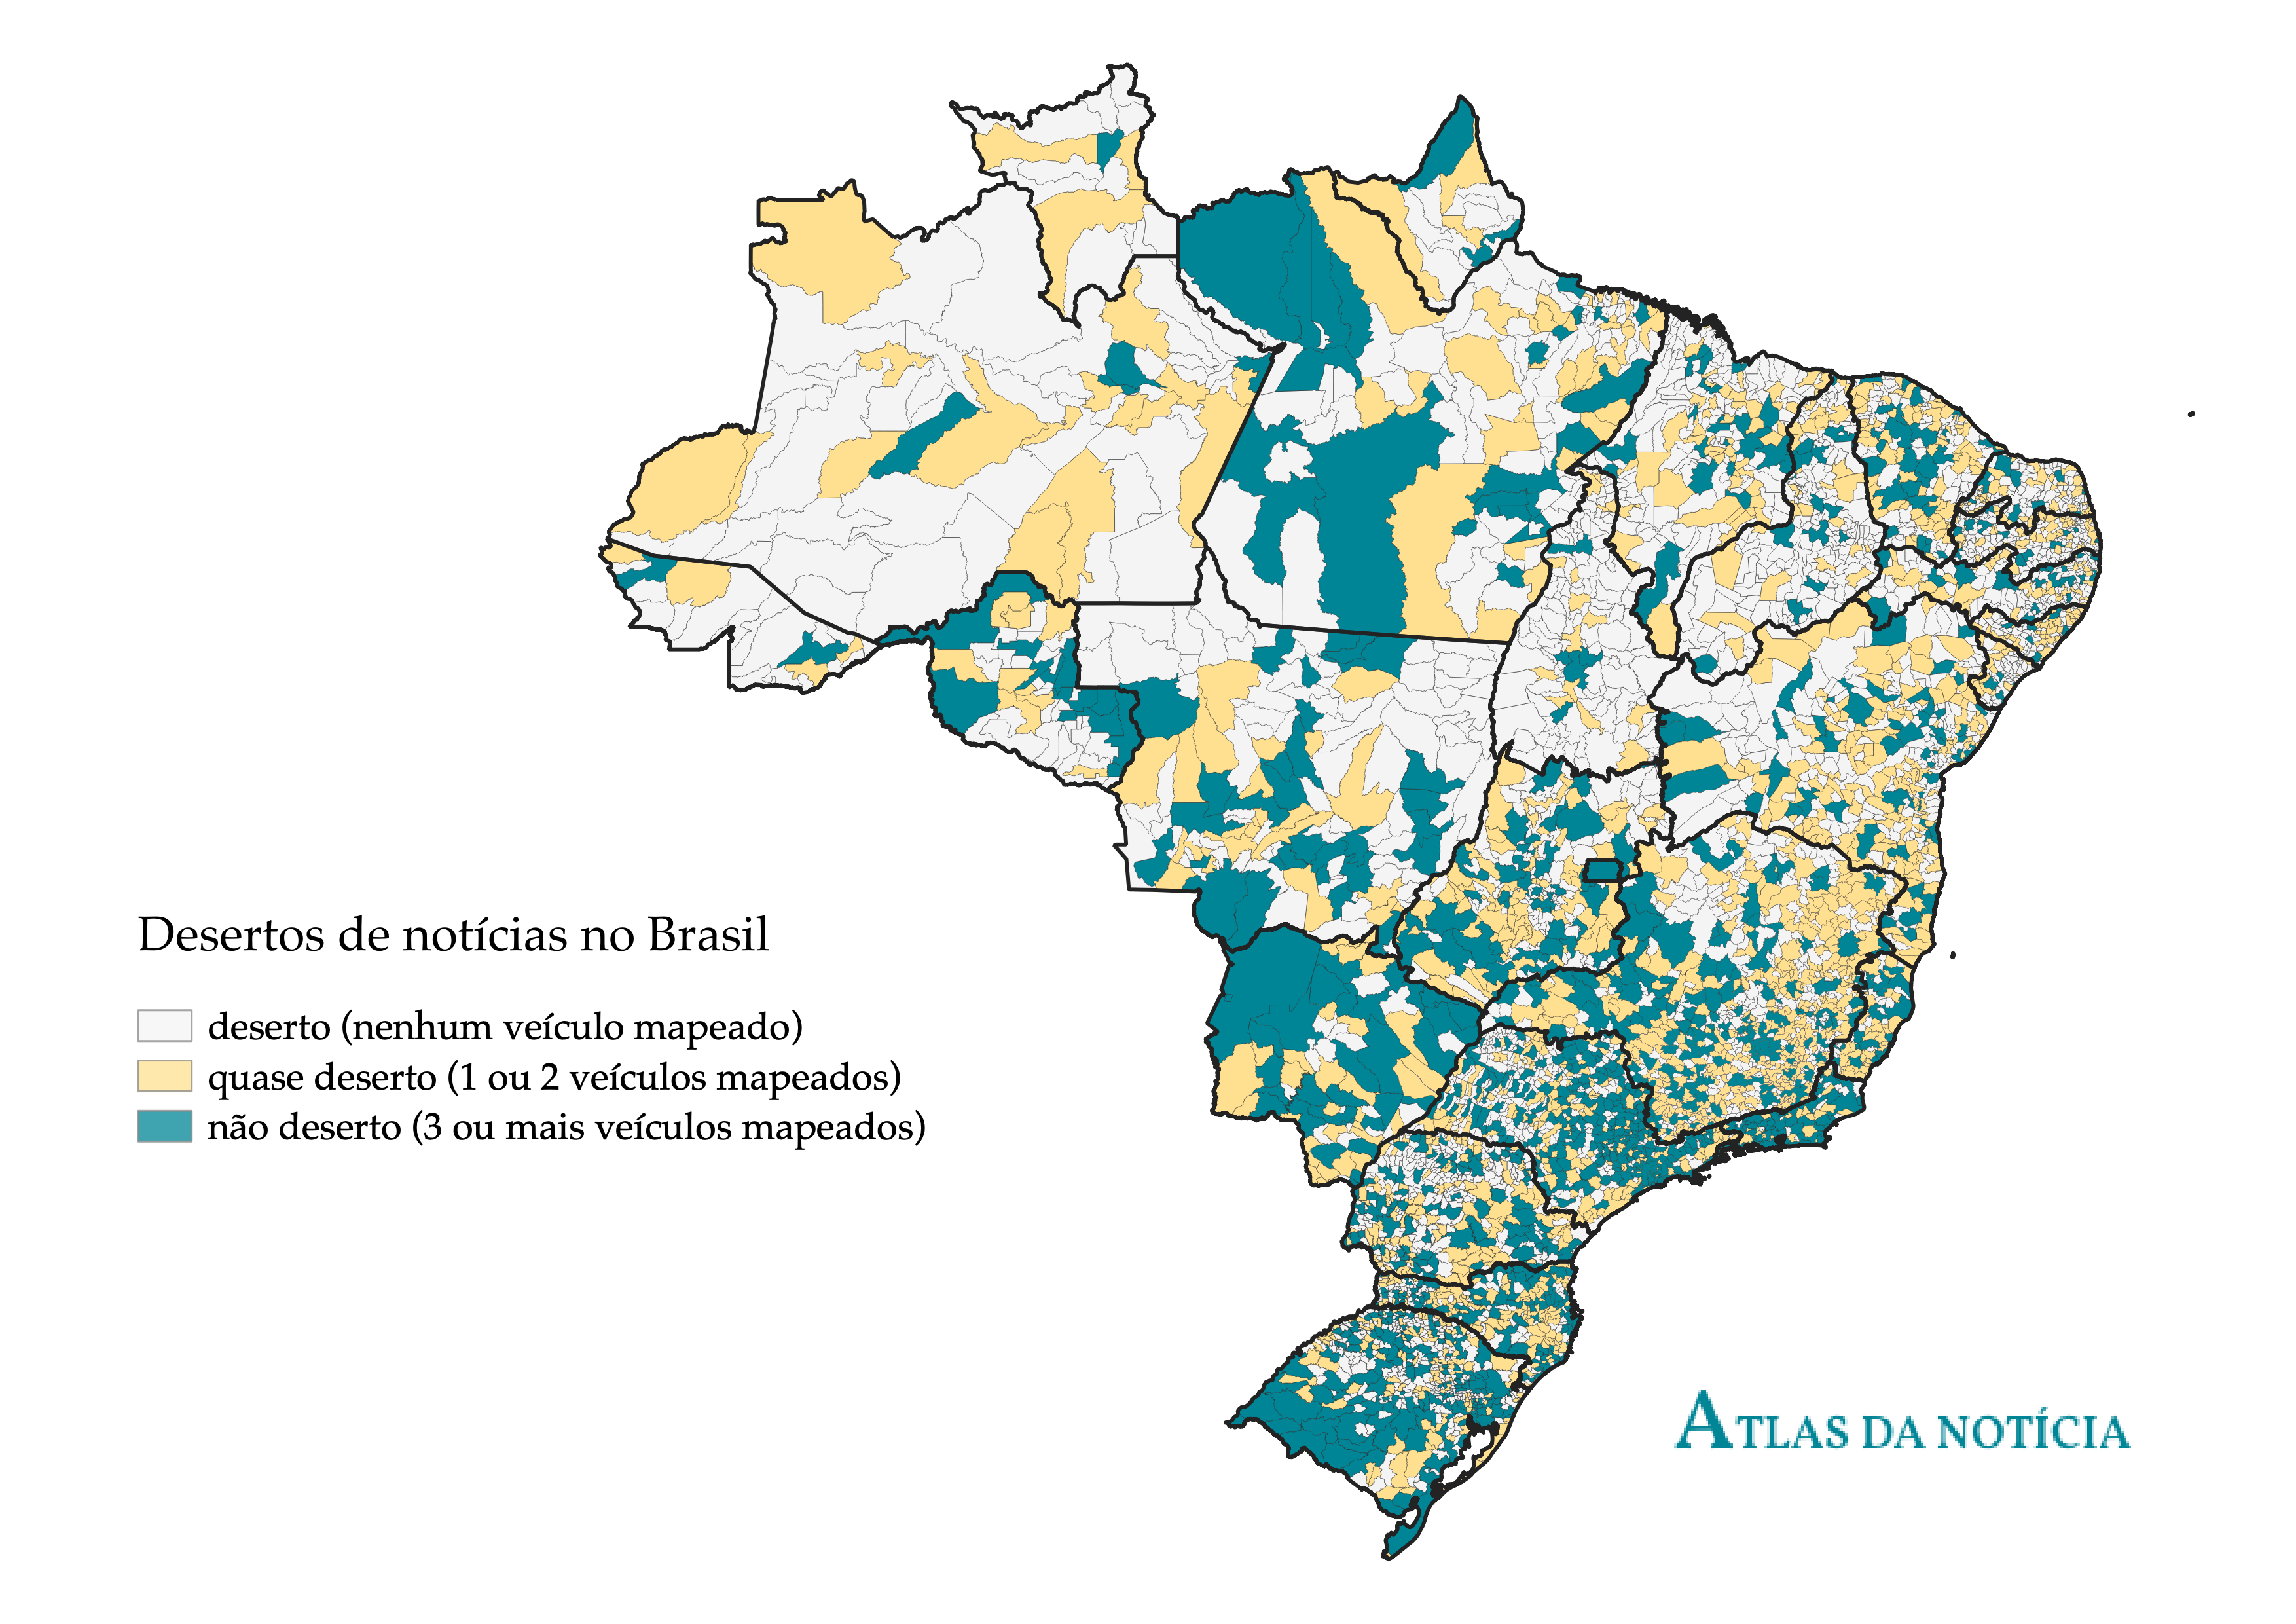 Casi un tercio de ciudades brasileñas corre el riesgo de convertirse en desiertos de noticias, según investigación